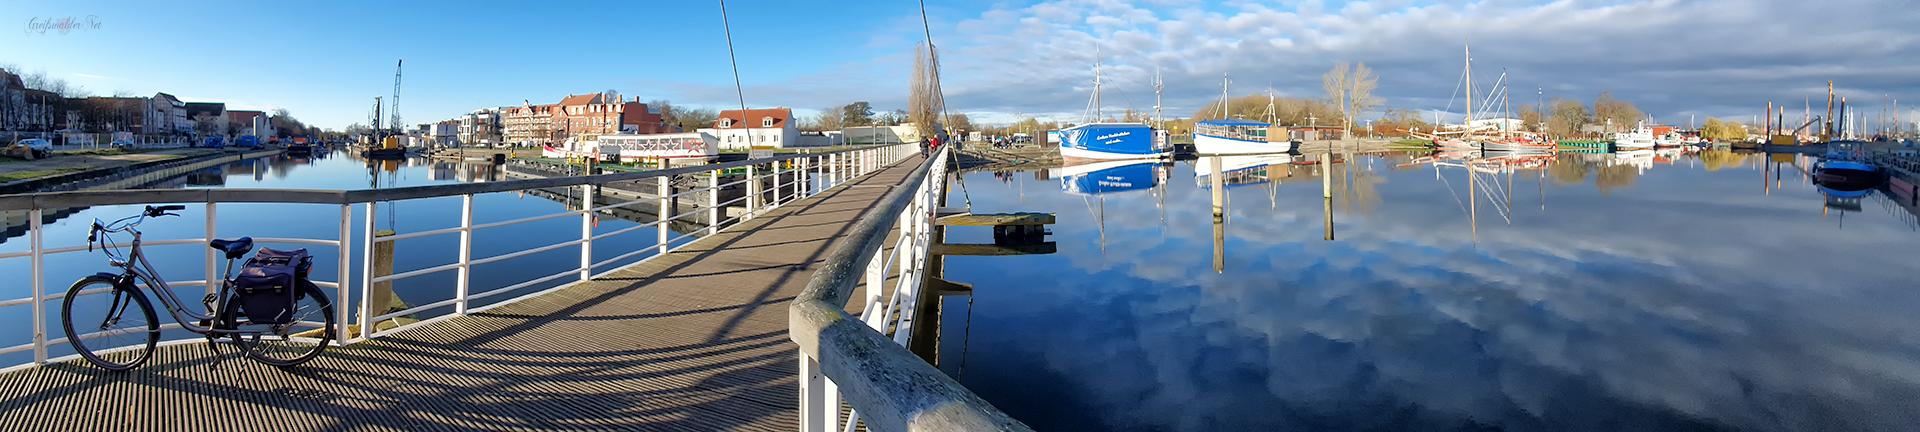 Panorama Spiegelung am Museumshafen in Greifswald